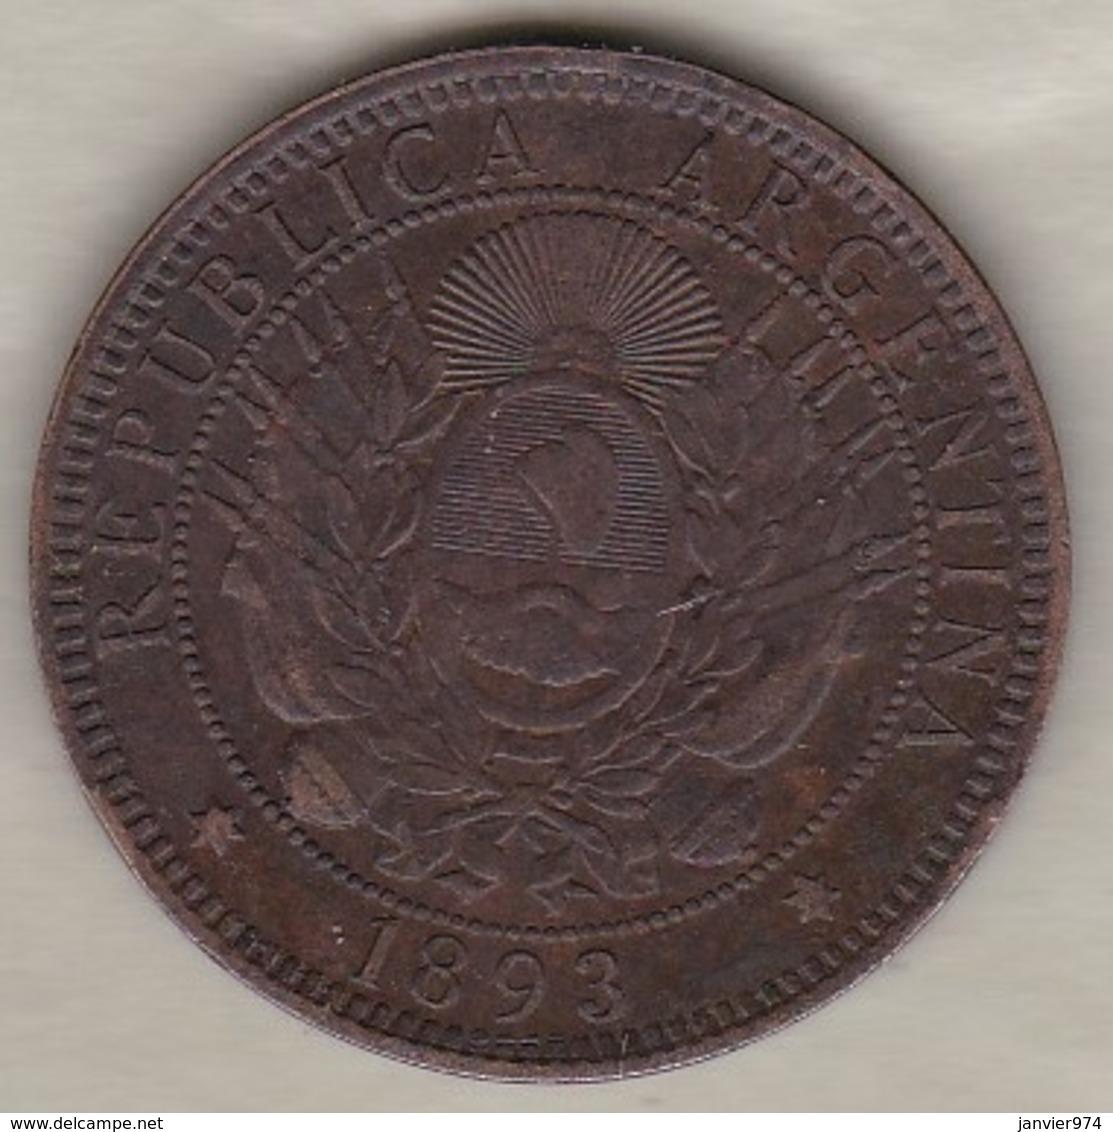 ARGENTINE / TUCUMAN. DOS CENTAVOS 1893. BRONZE - Argentine